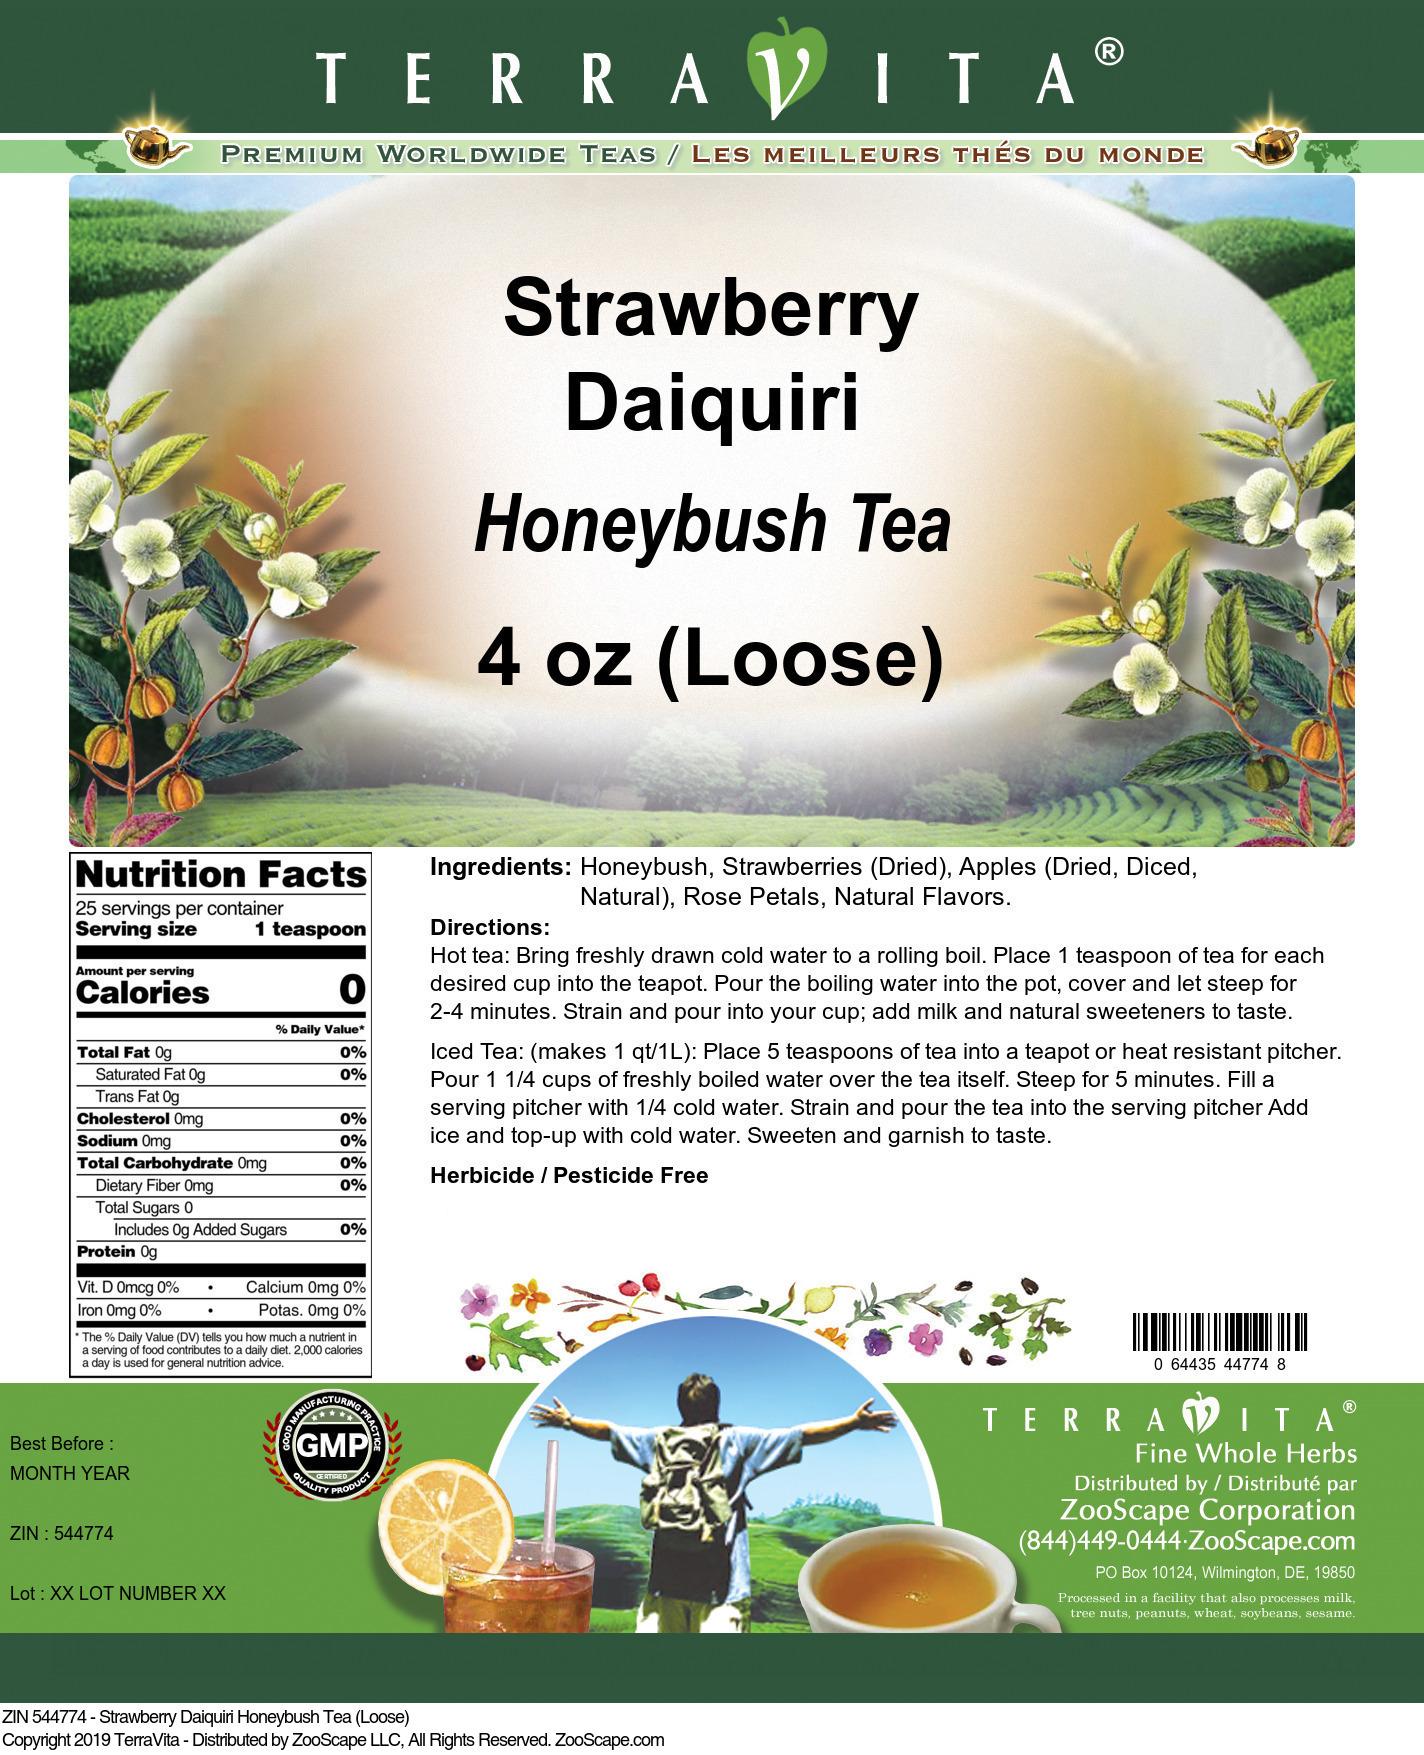 Strawberry Daiquiri Honeybush Tea